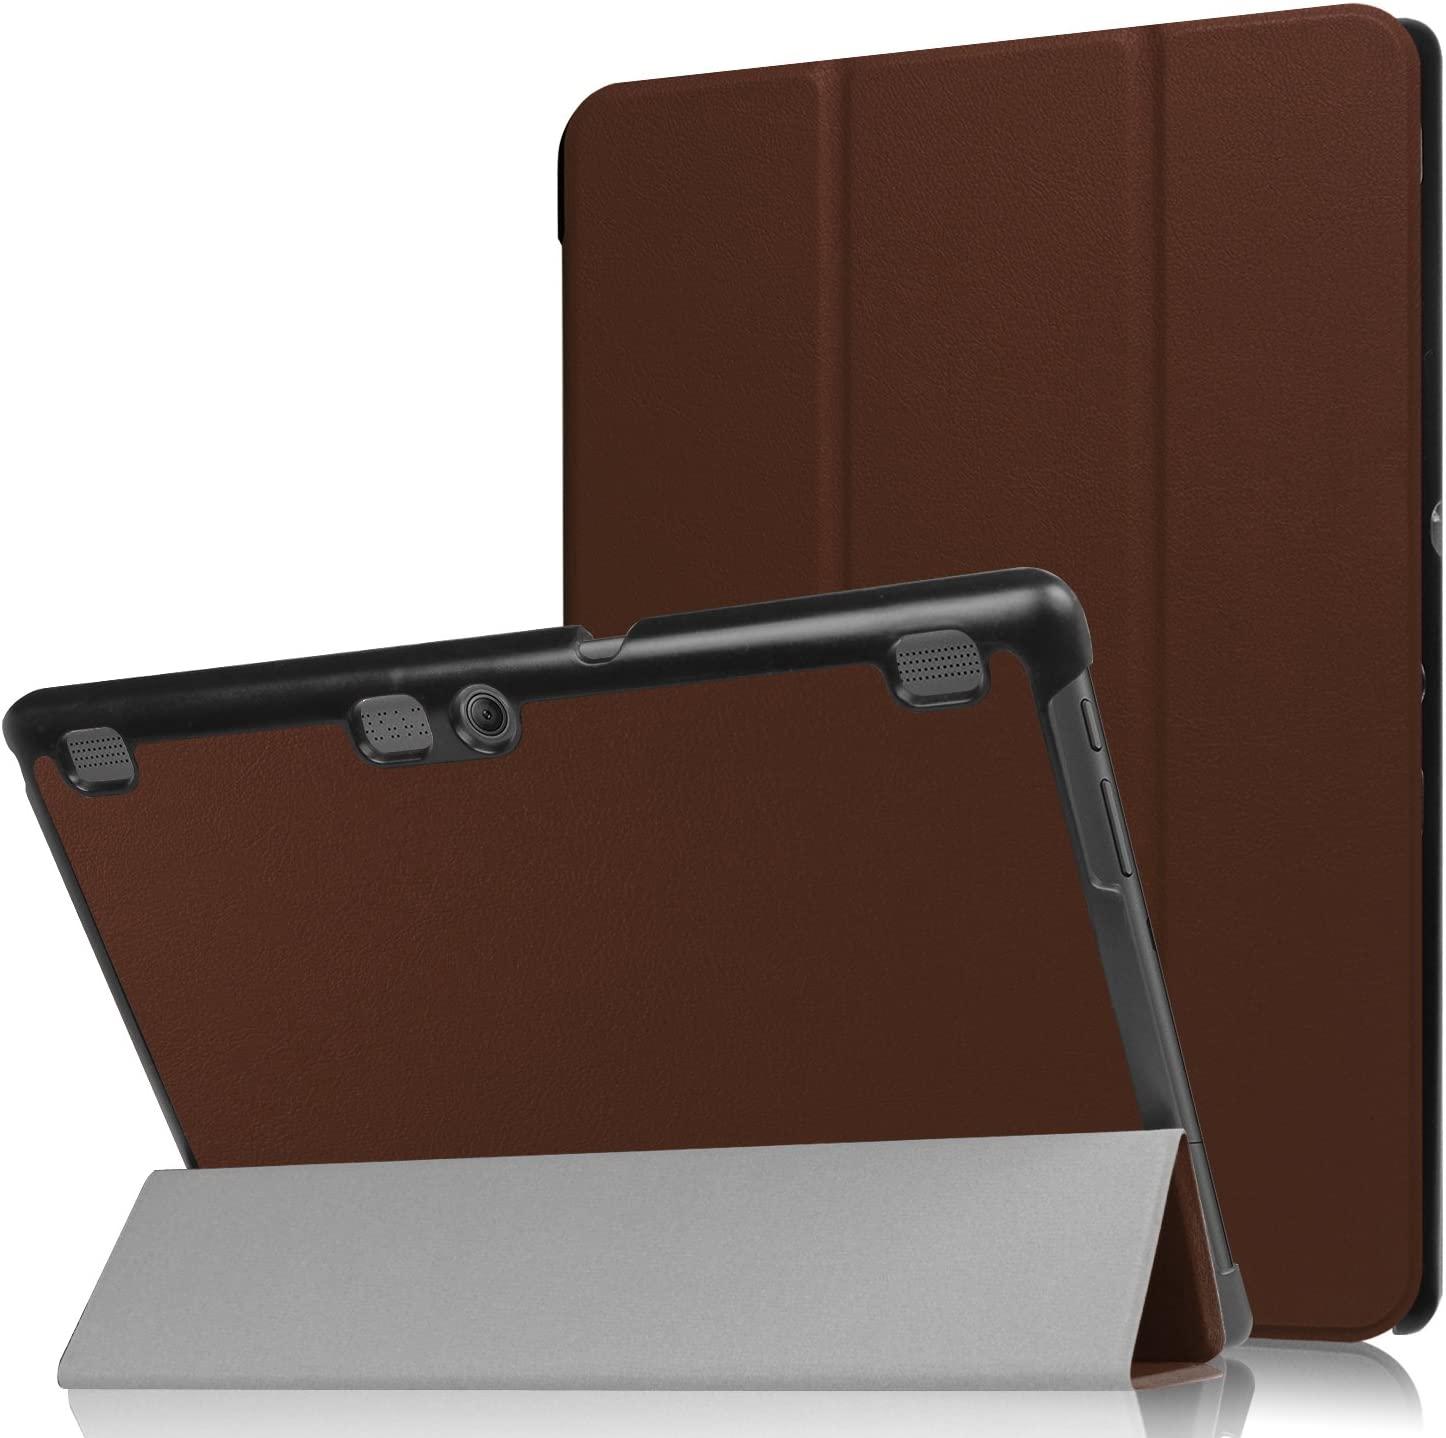 Asng Lenovo Tab 2 A10/TAB-X103F Tab 10 Case, Ultra Slim Lightweight Tri-Fold Cover for Lenovo Tab 2 A10-70/Tab 2 A10-30/Tab 3 Plus/Tab 3 10 Business TB3-X70/TAB-X103F Tab 10 10.1